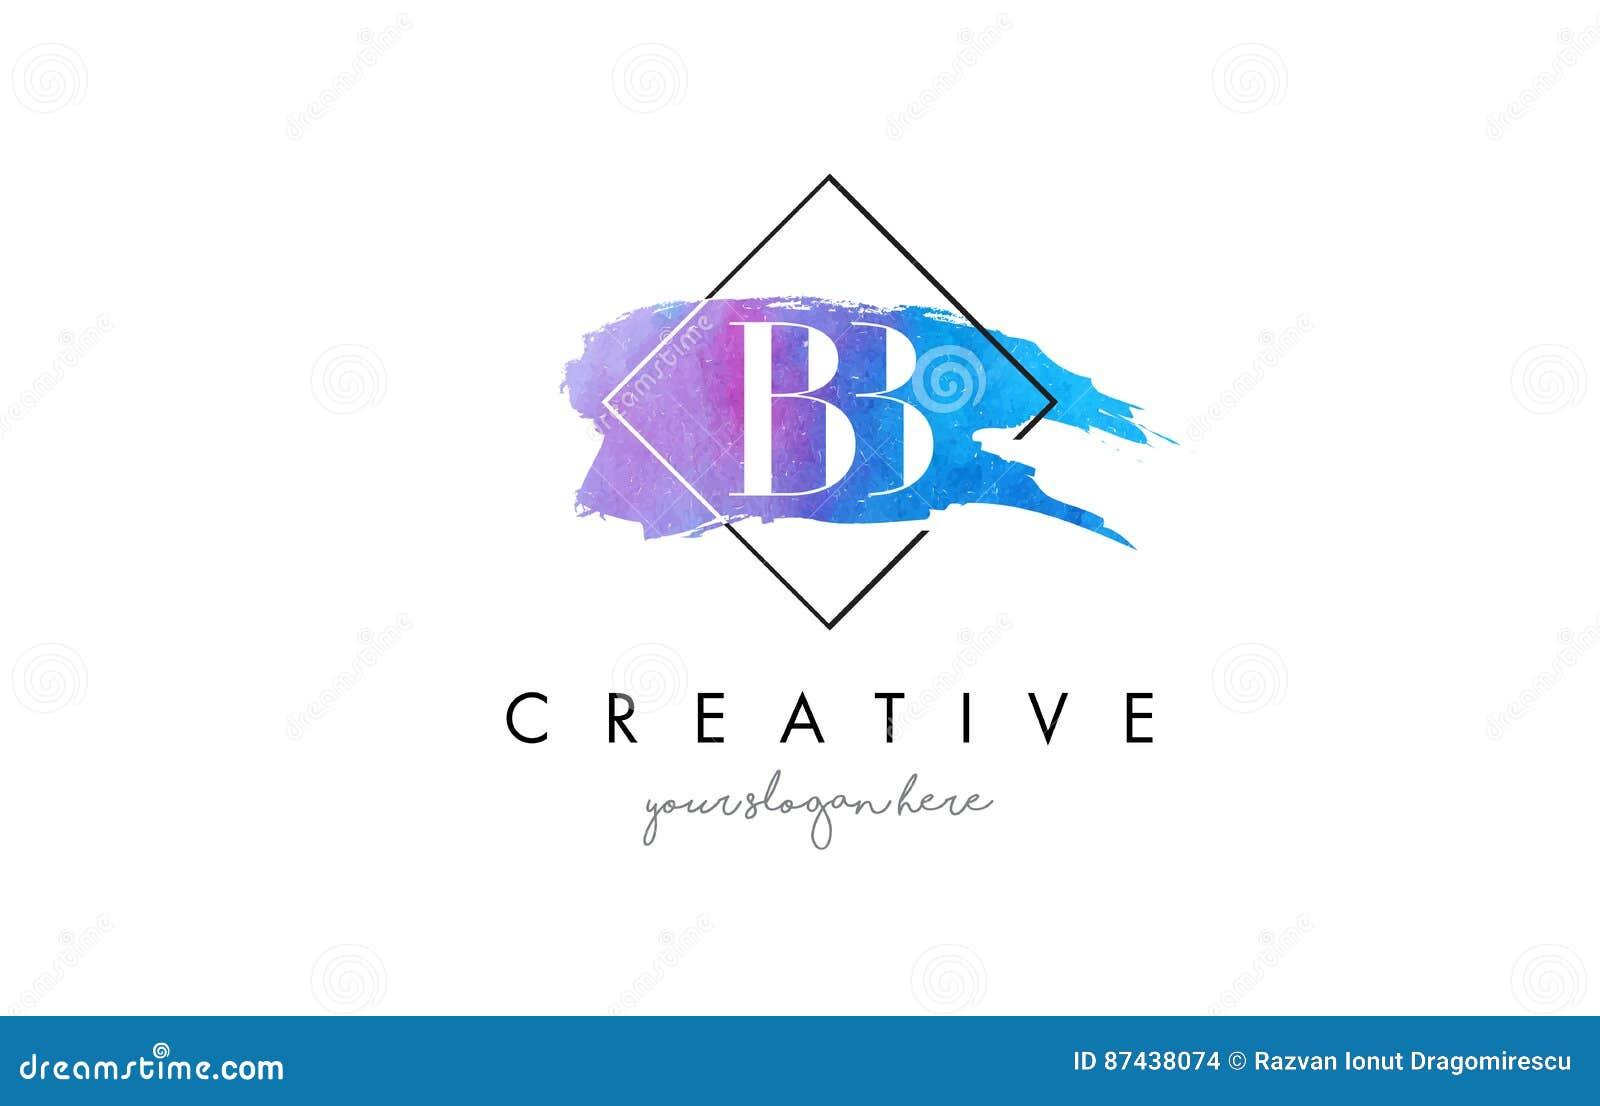 Καλλιτεχνικό Watercolor λογότυπο βουρτσών επιστολών του BB